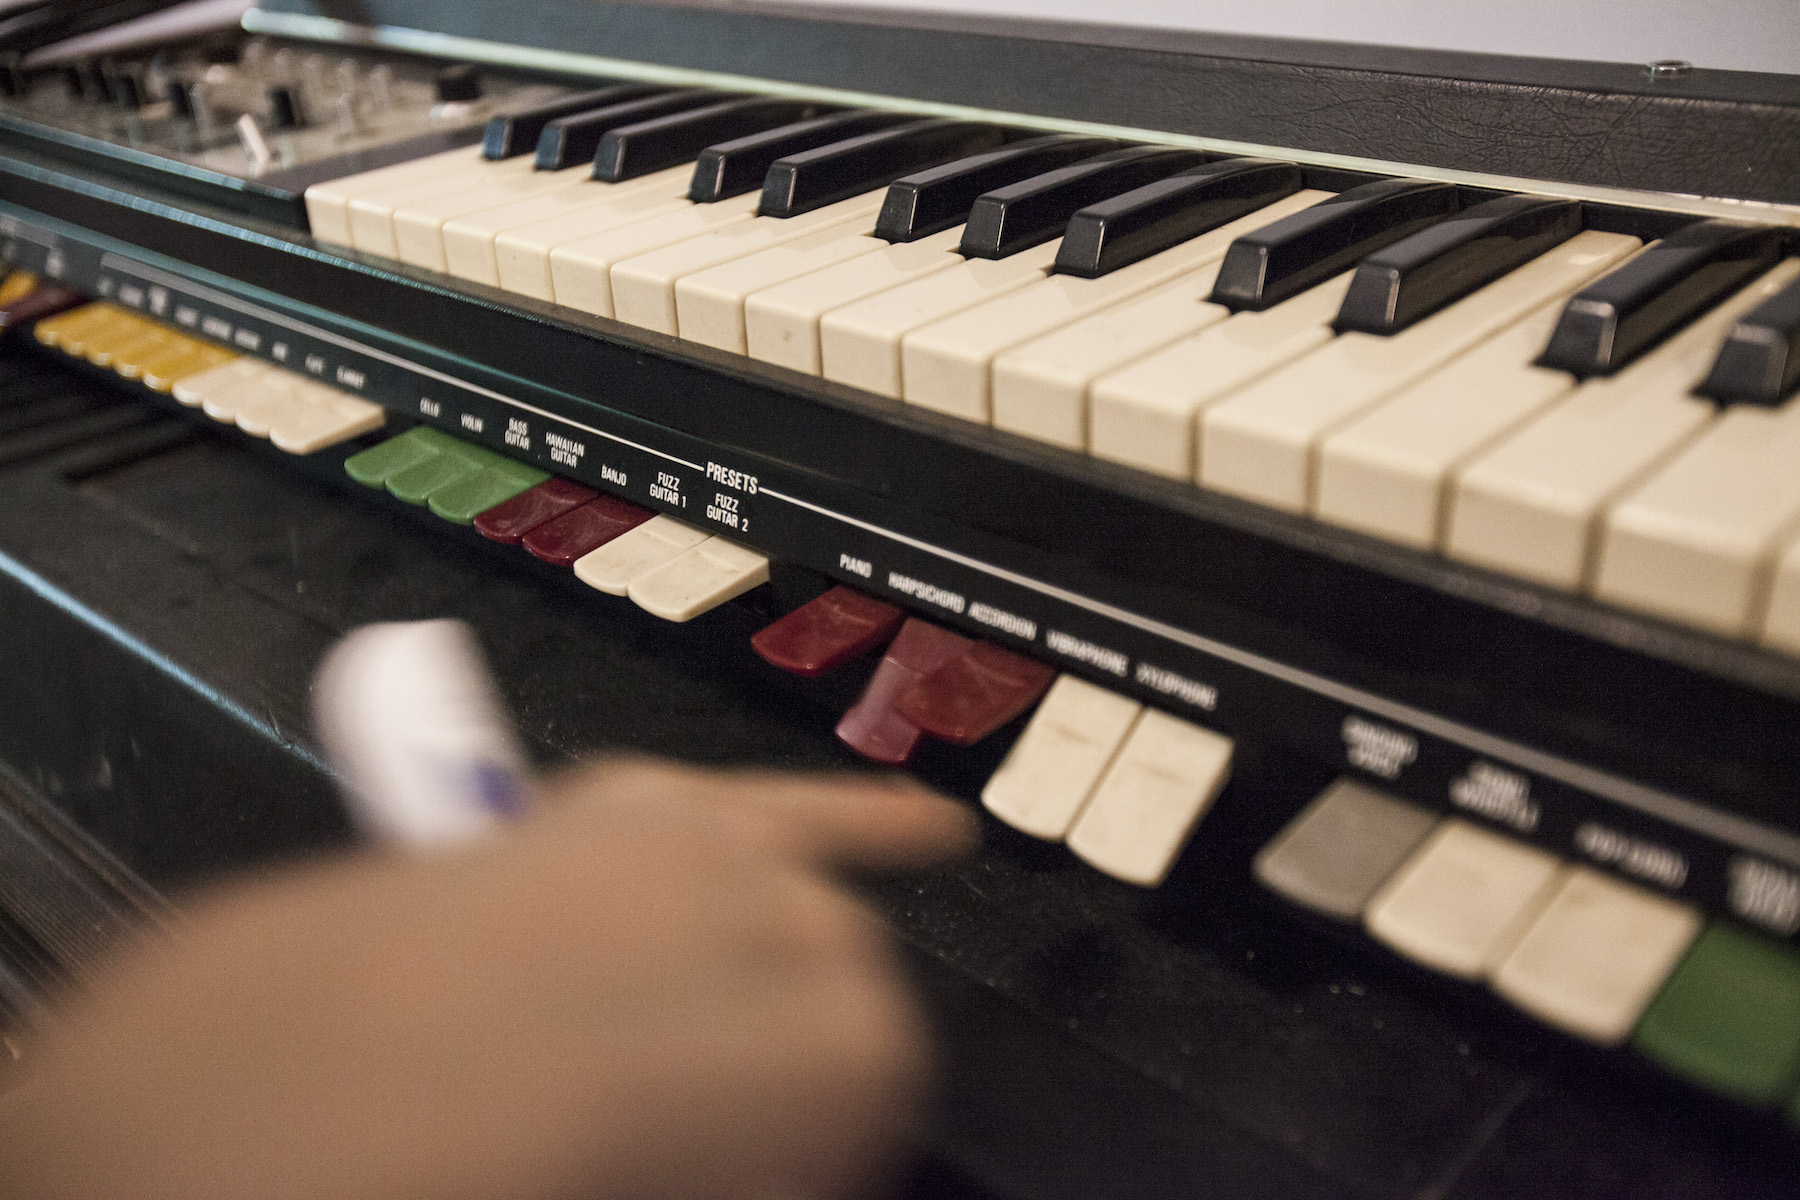 這台analog合成器相當有趣,琴鍵底下的按鍵是各種preset,想要掛哪些,把它按下去就行了!